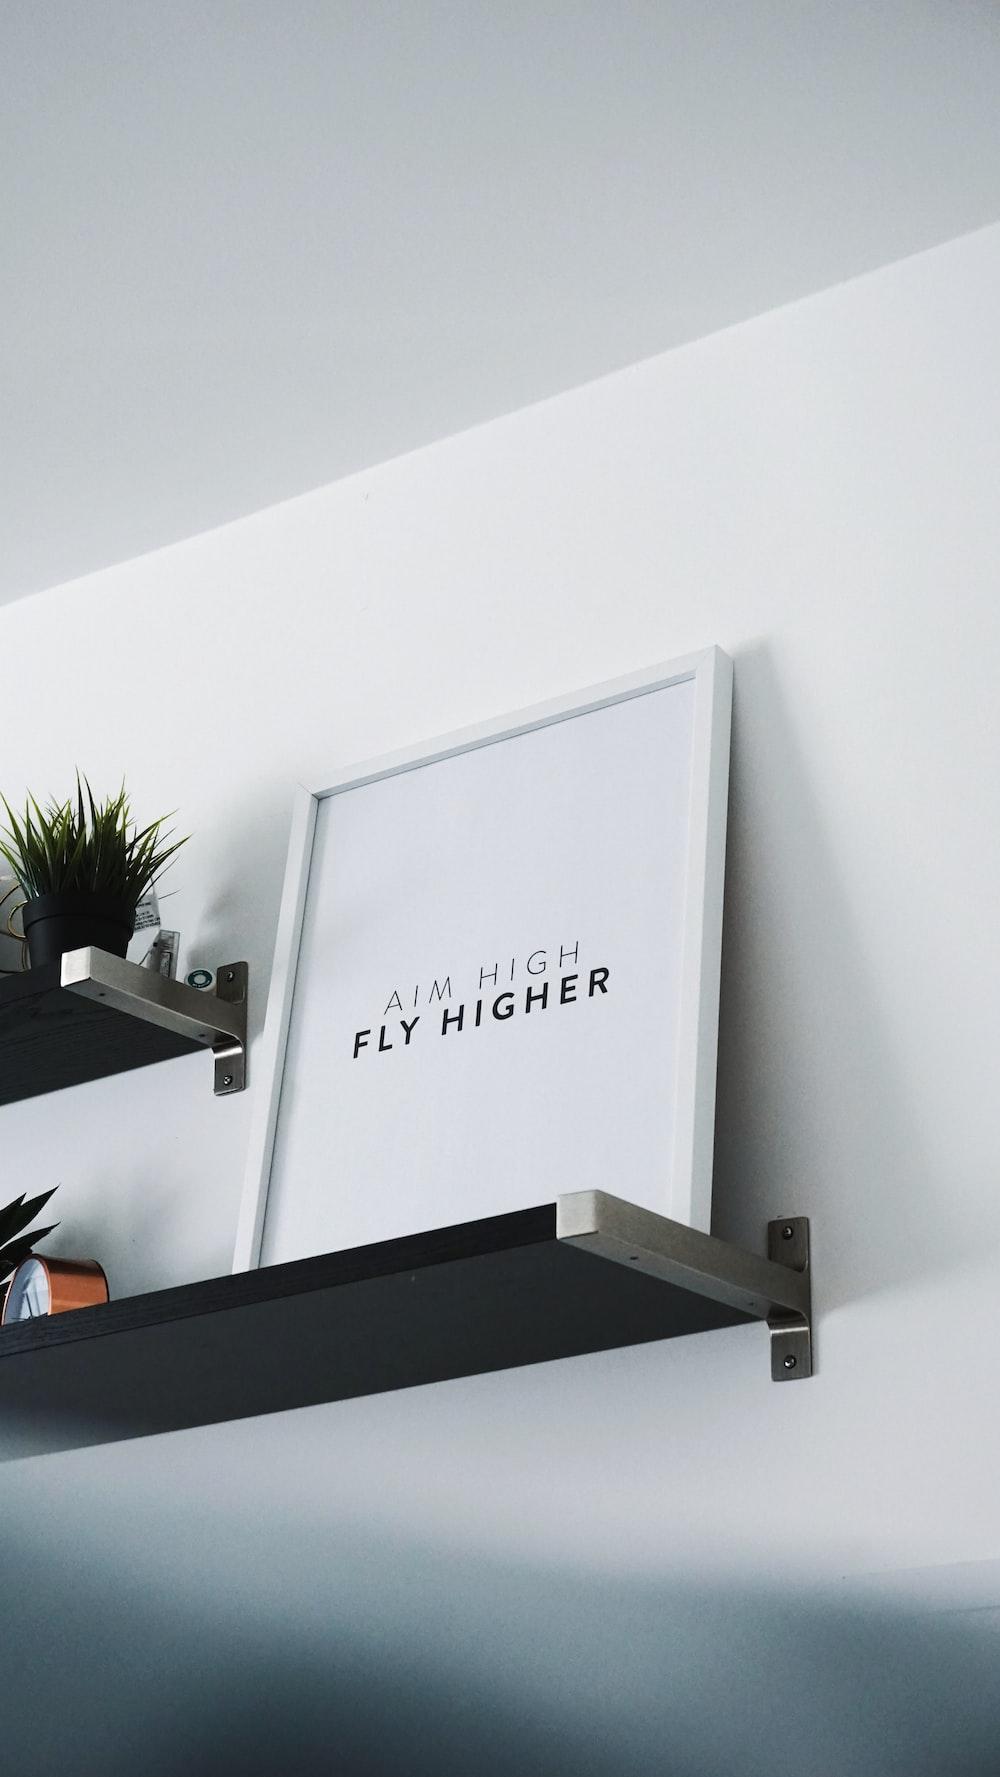 aim high fly higher photo frame